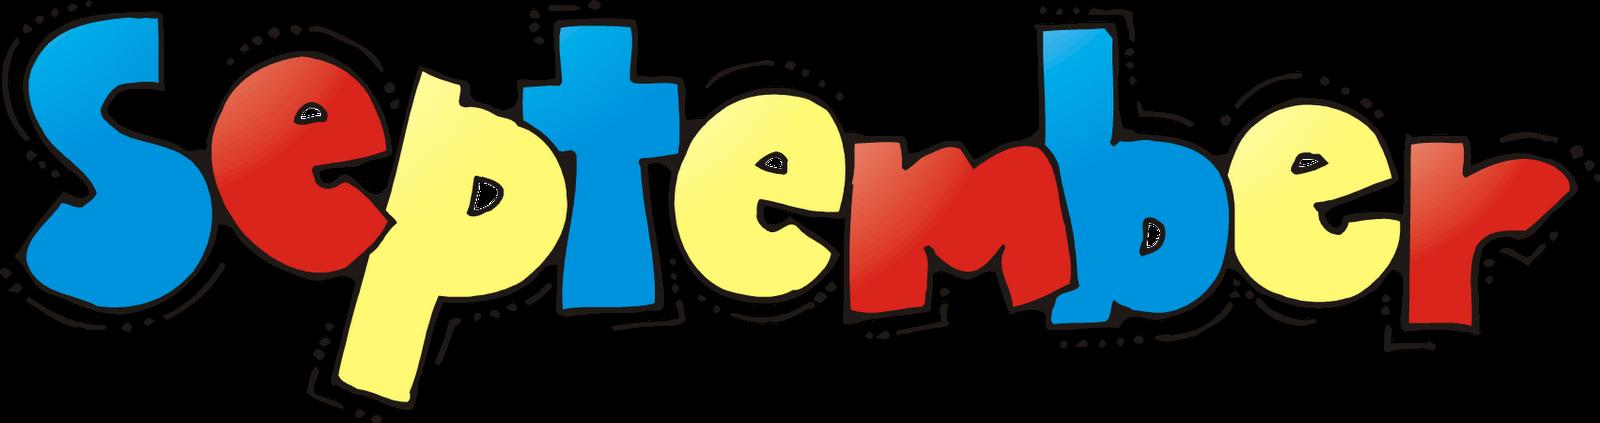 Spelling clipart september. Newsletter free download best